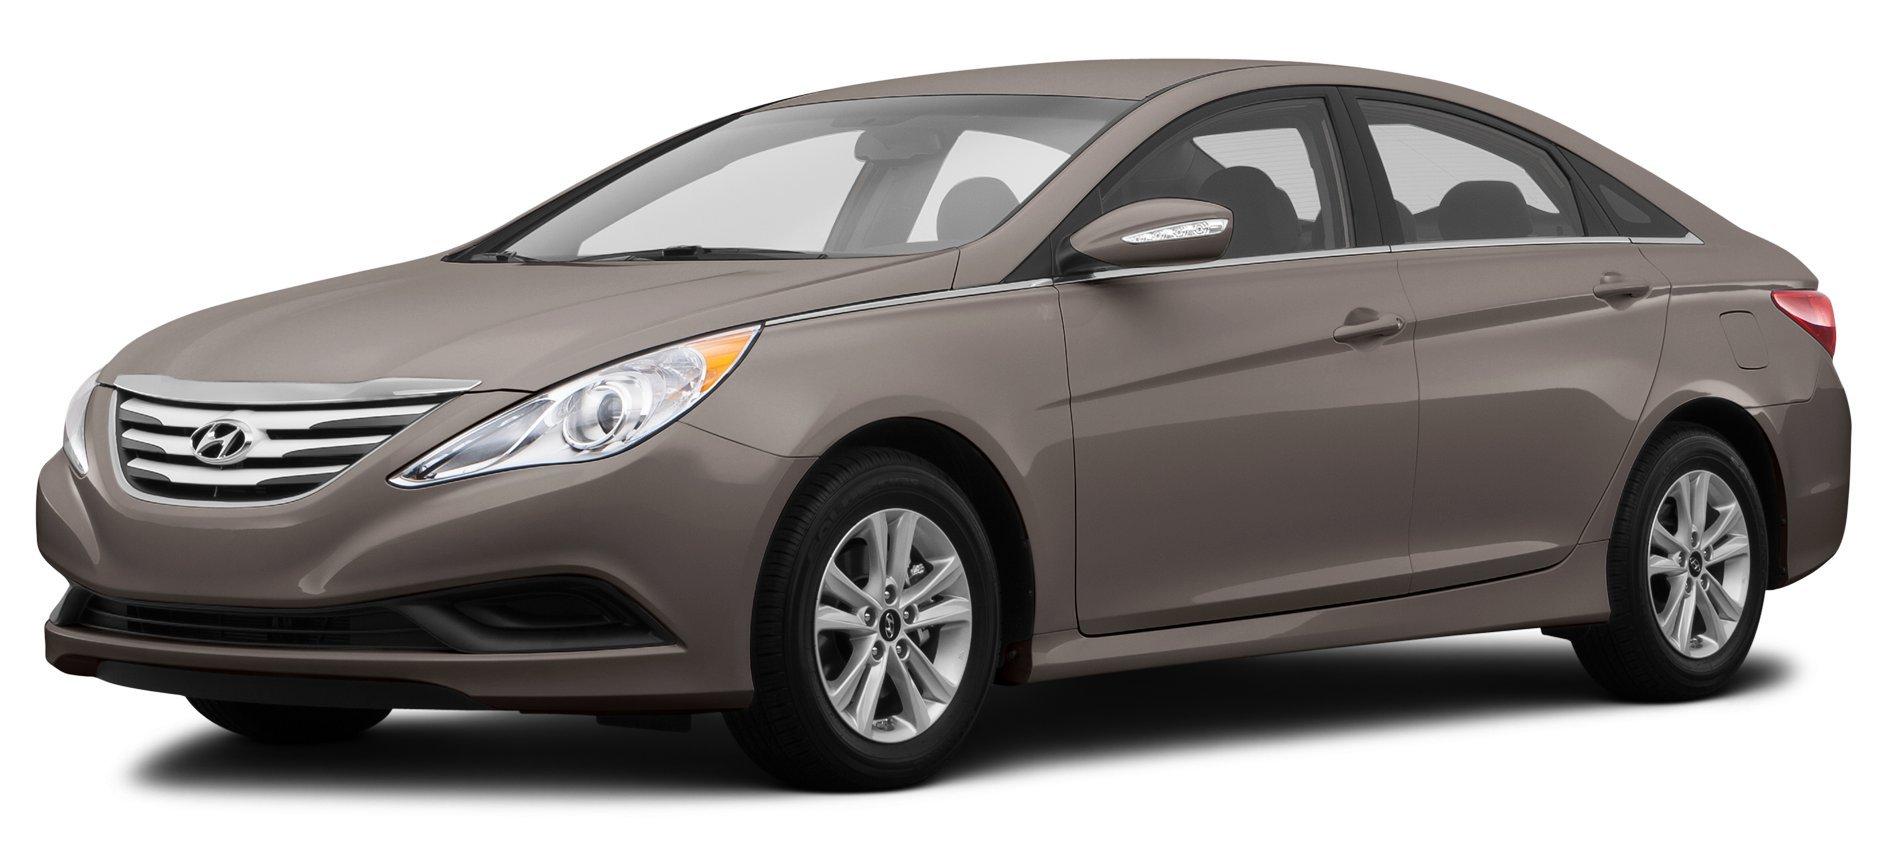 Hyundai Sonata Gls >> 2014 Hyundai Sonata